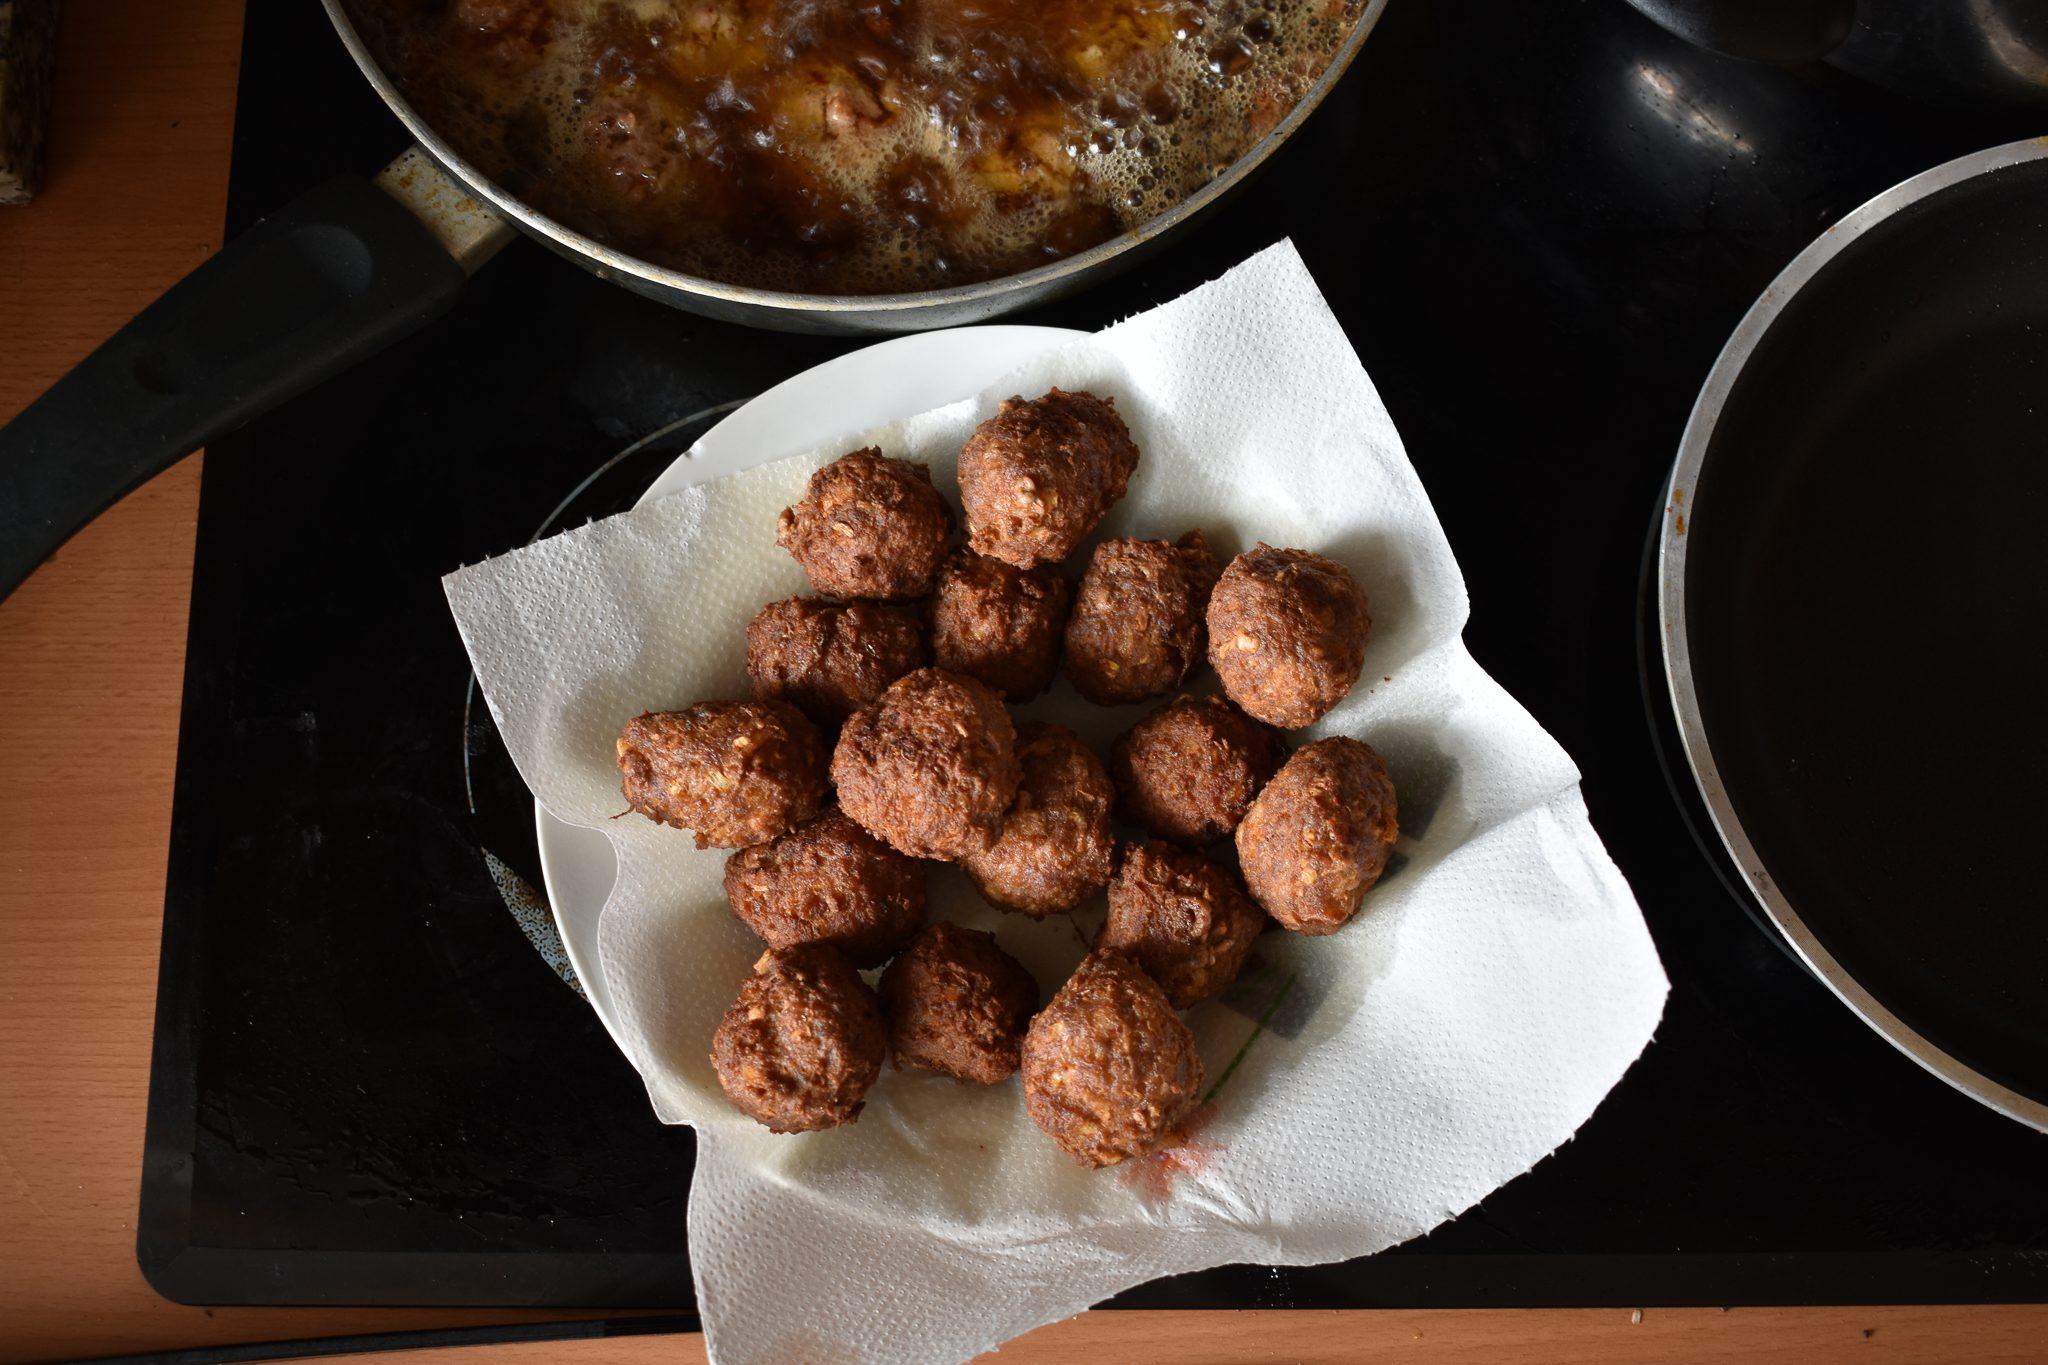 Low-Carb-Meatballs-Recipe-Process-5-SunCakeMom